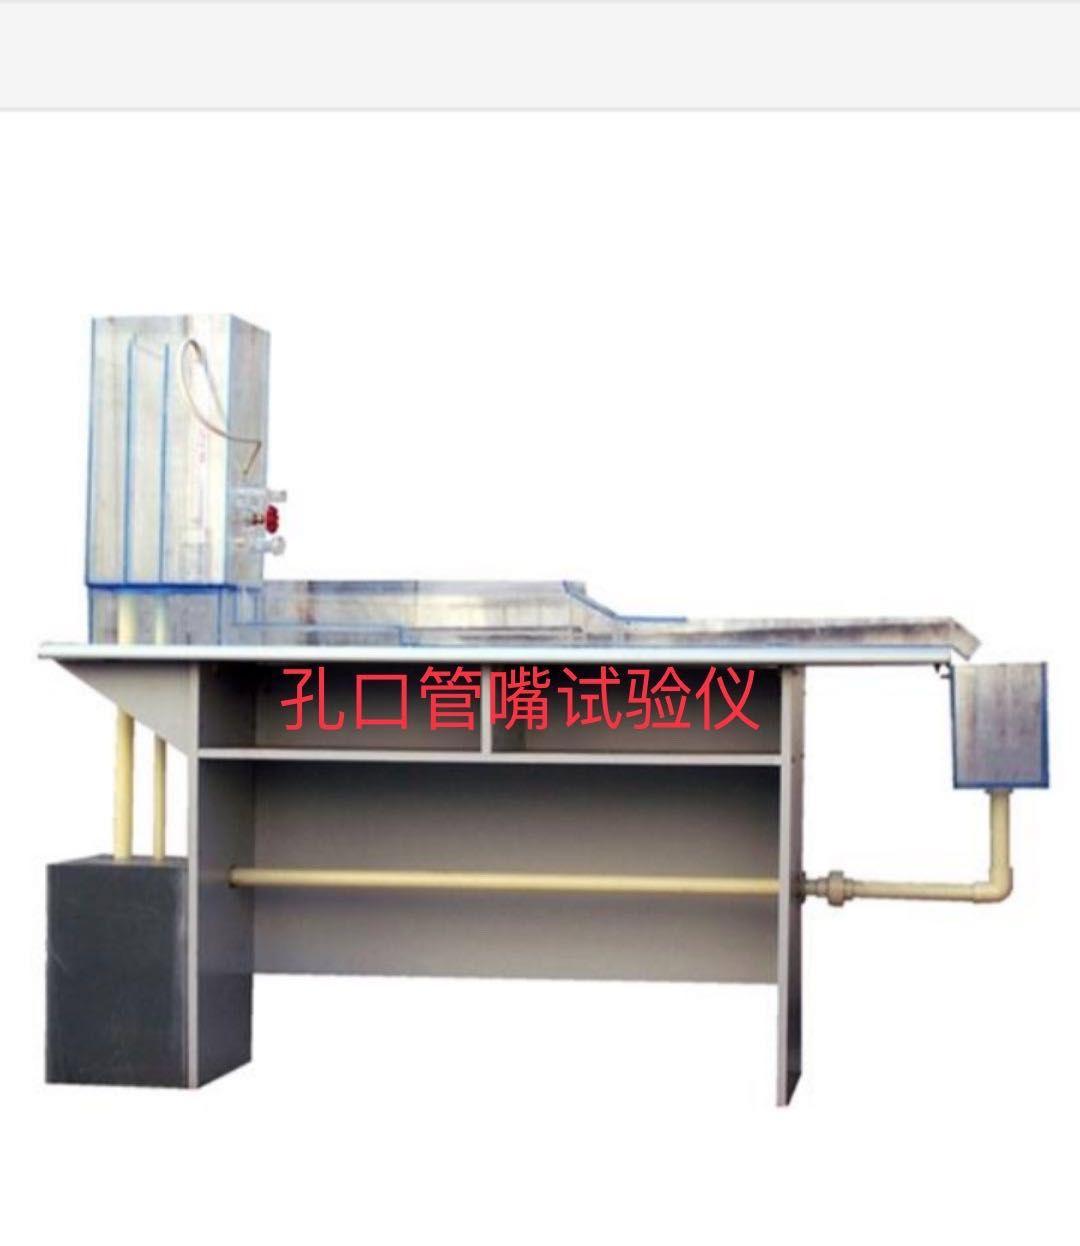 买实惠的轴流式风机性能实验仪当选合肥万学科教仪器 电渗析实验装置